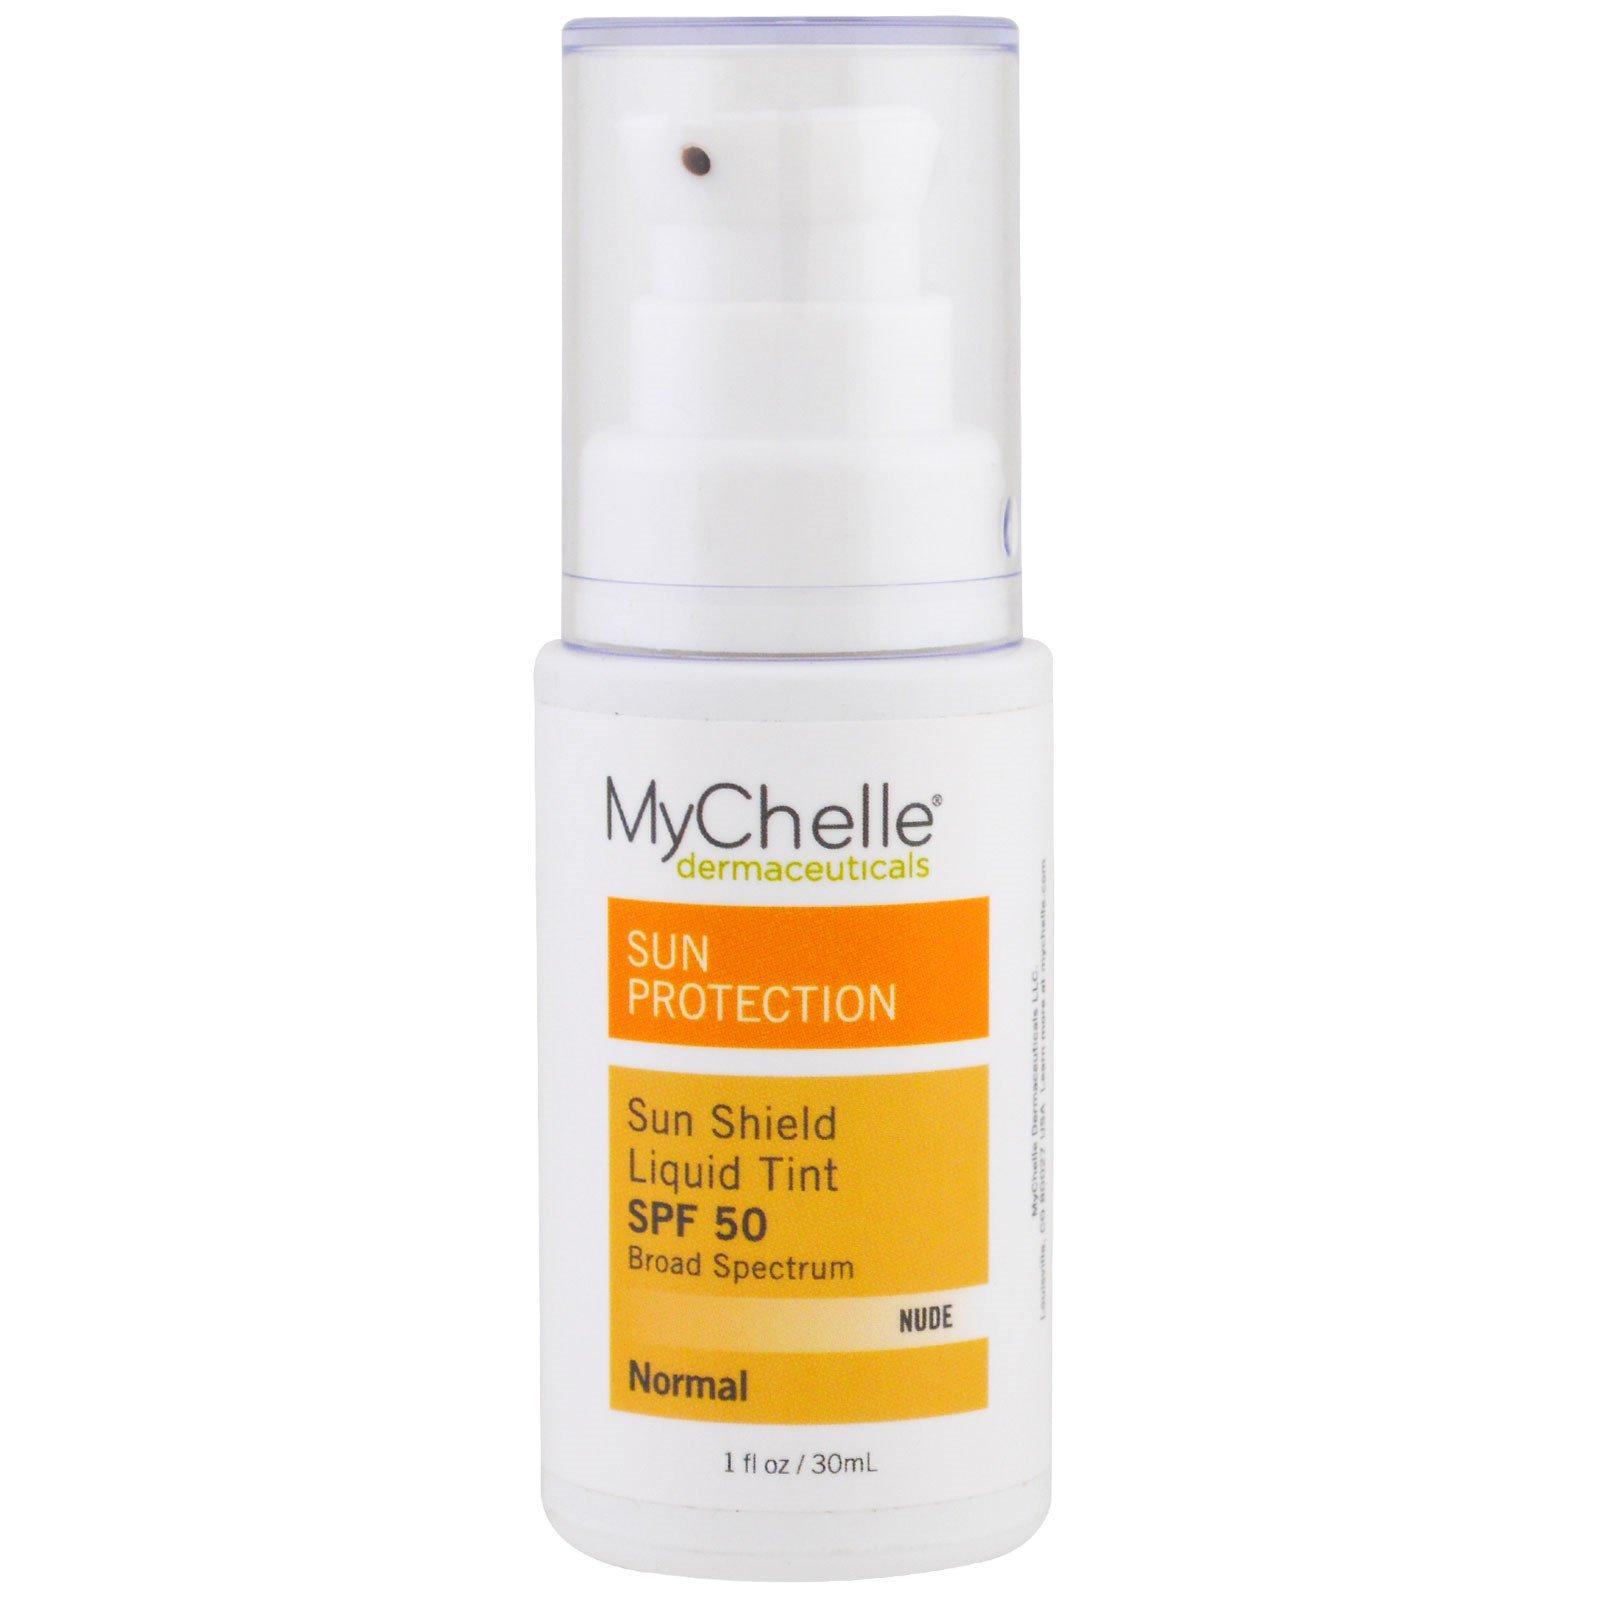 MyChelle Dermaceuticals, Солнцезащитный жидкий тинт SPF 50, нормальный, светло-бежевый, 1 унция (30 мл)